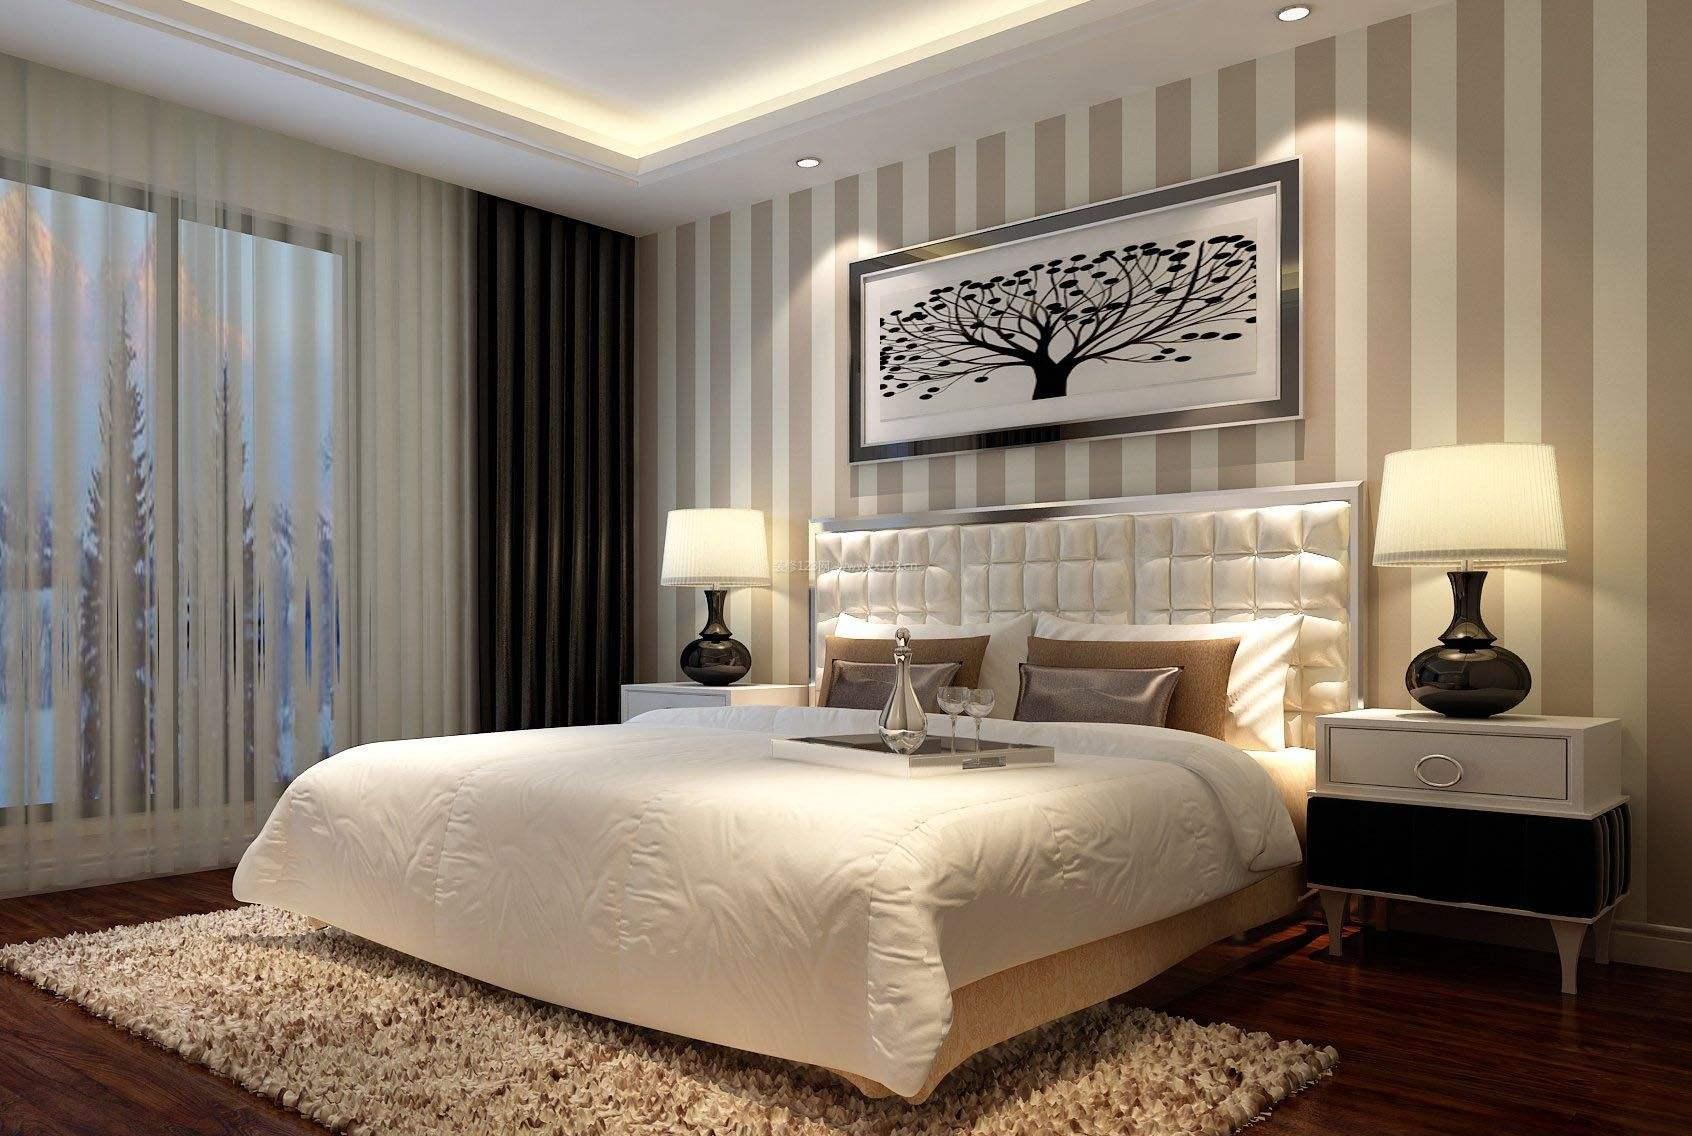 華麗裝飾給你一個雍容華貴的家